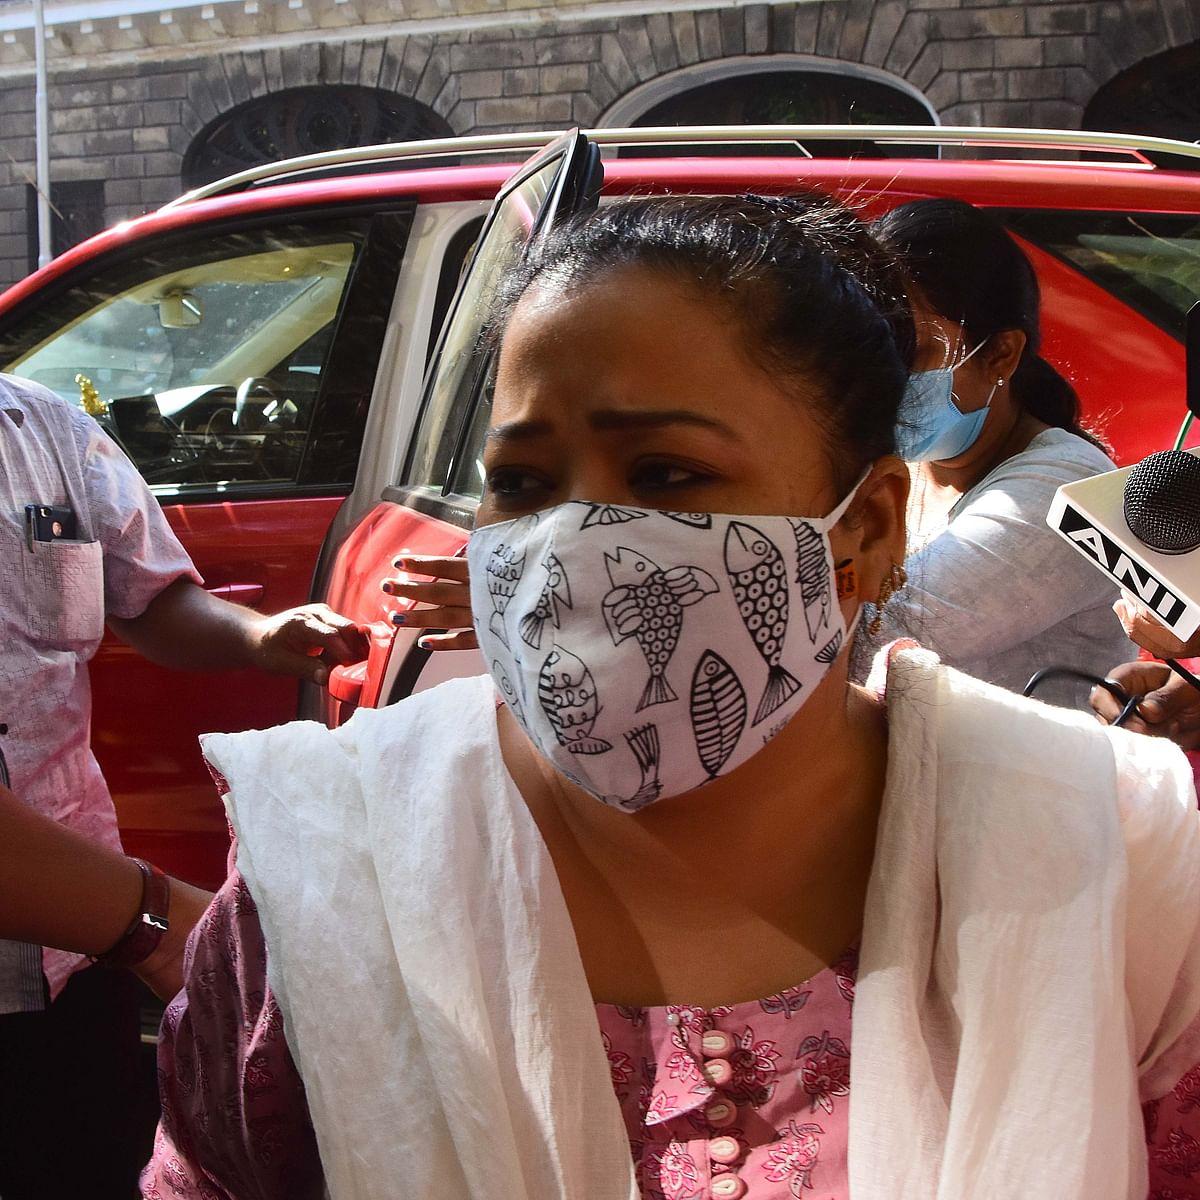 NCB arrests comedian Bharti Singh in drug case